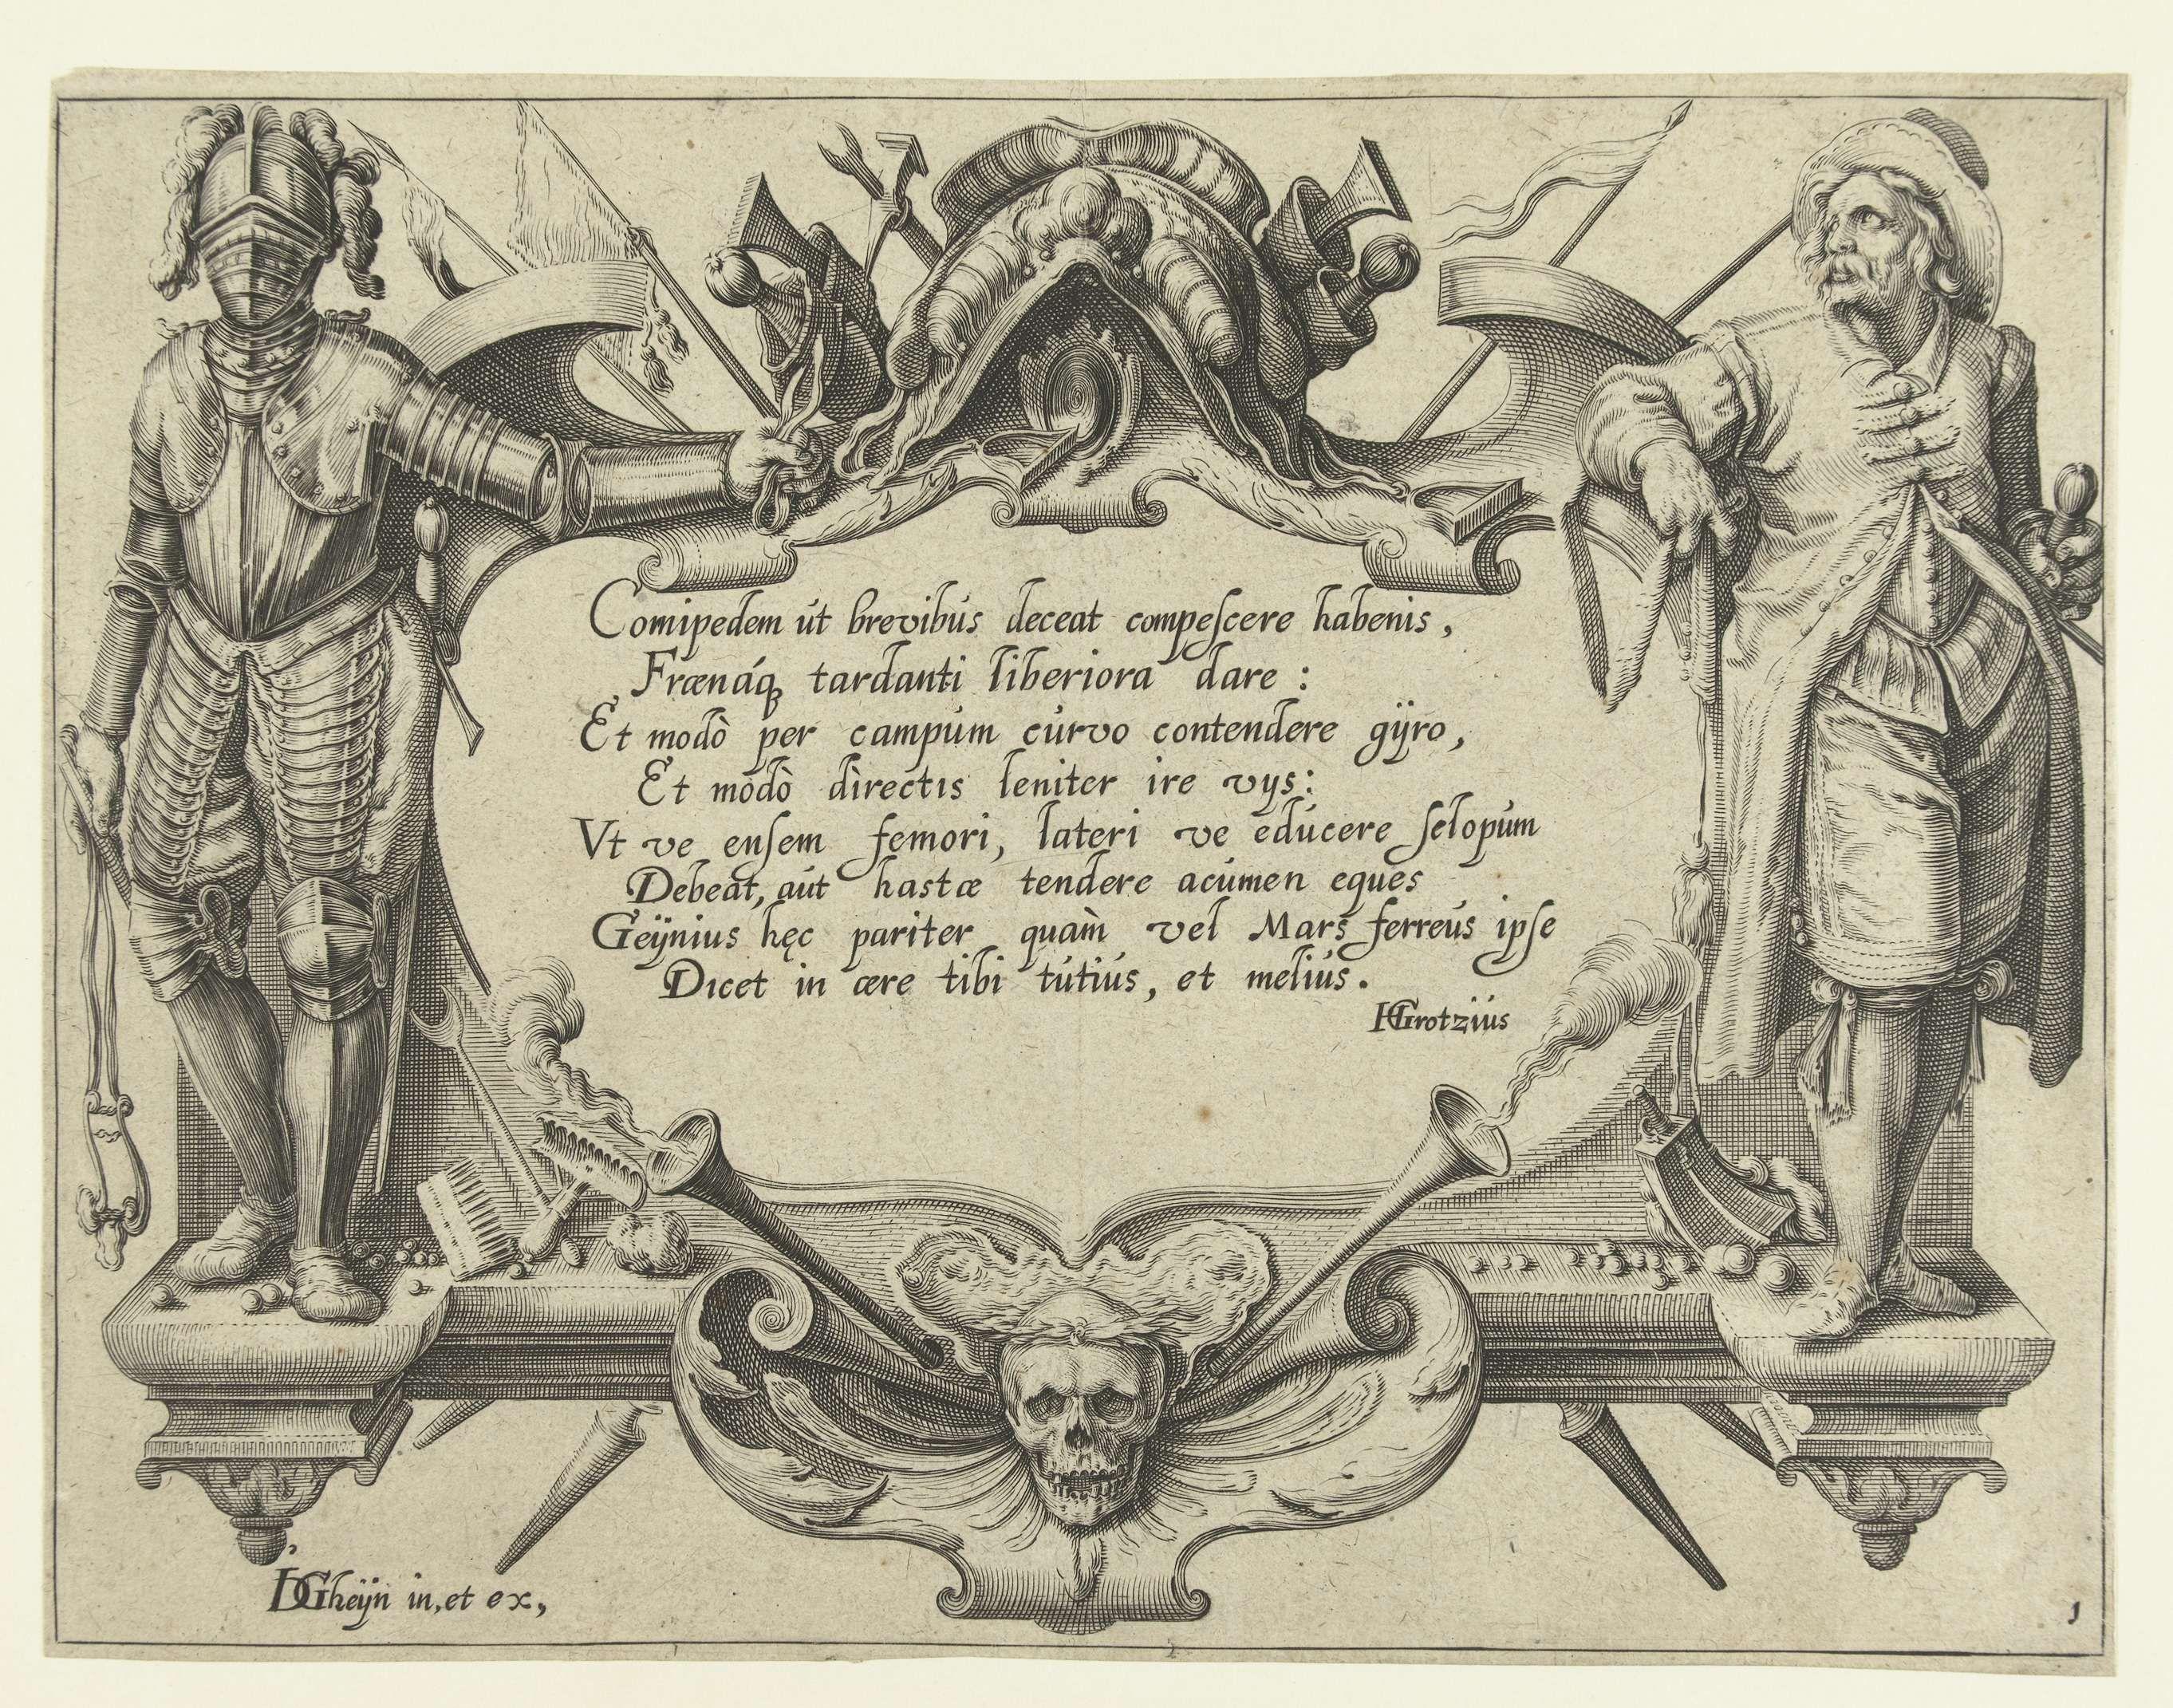 Hugo de Groot   Titelprent voor prentserie De ruiterschool, Hugo de Groot, Jacob de Gheyn (II), 1599   Een Latijnse tekst in een cartouche. Links ernaast een figuur in harnas (een ruiter, blijkens de leidsels die hij in zijn hand houdt), rechts ernaast een militair zonder harnas; onder de tekst een doodshoofd. Deze prent is onderdeel van een serie van 22 genummerde prenten: een titelprent, 20 prenten waarop één of enkele verschillende typen (meest geharnaste) ruiters zijn weergegeven, en een…